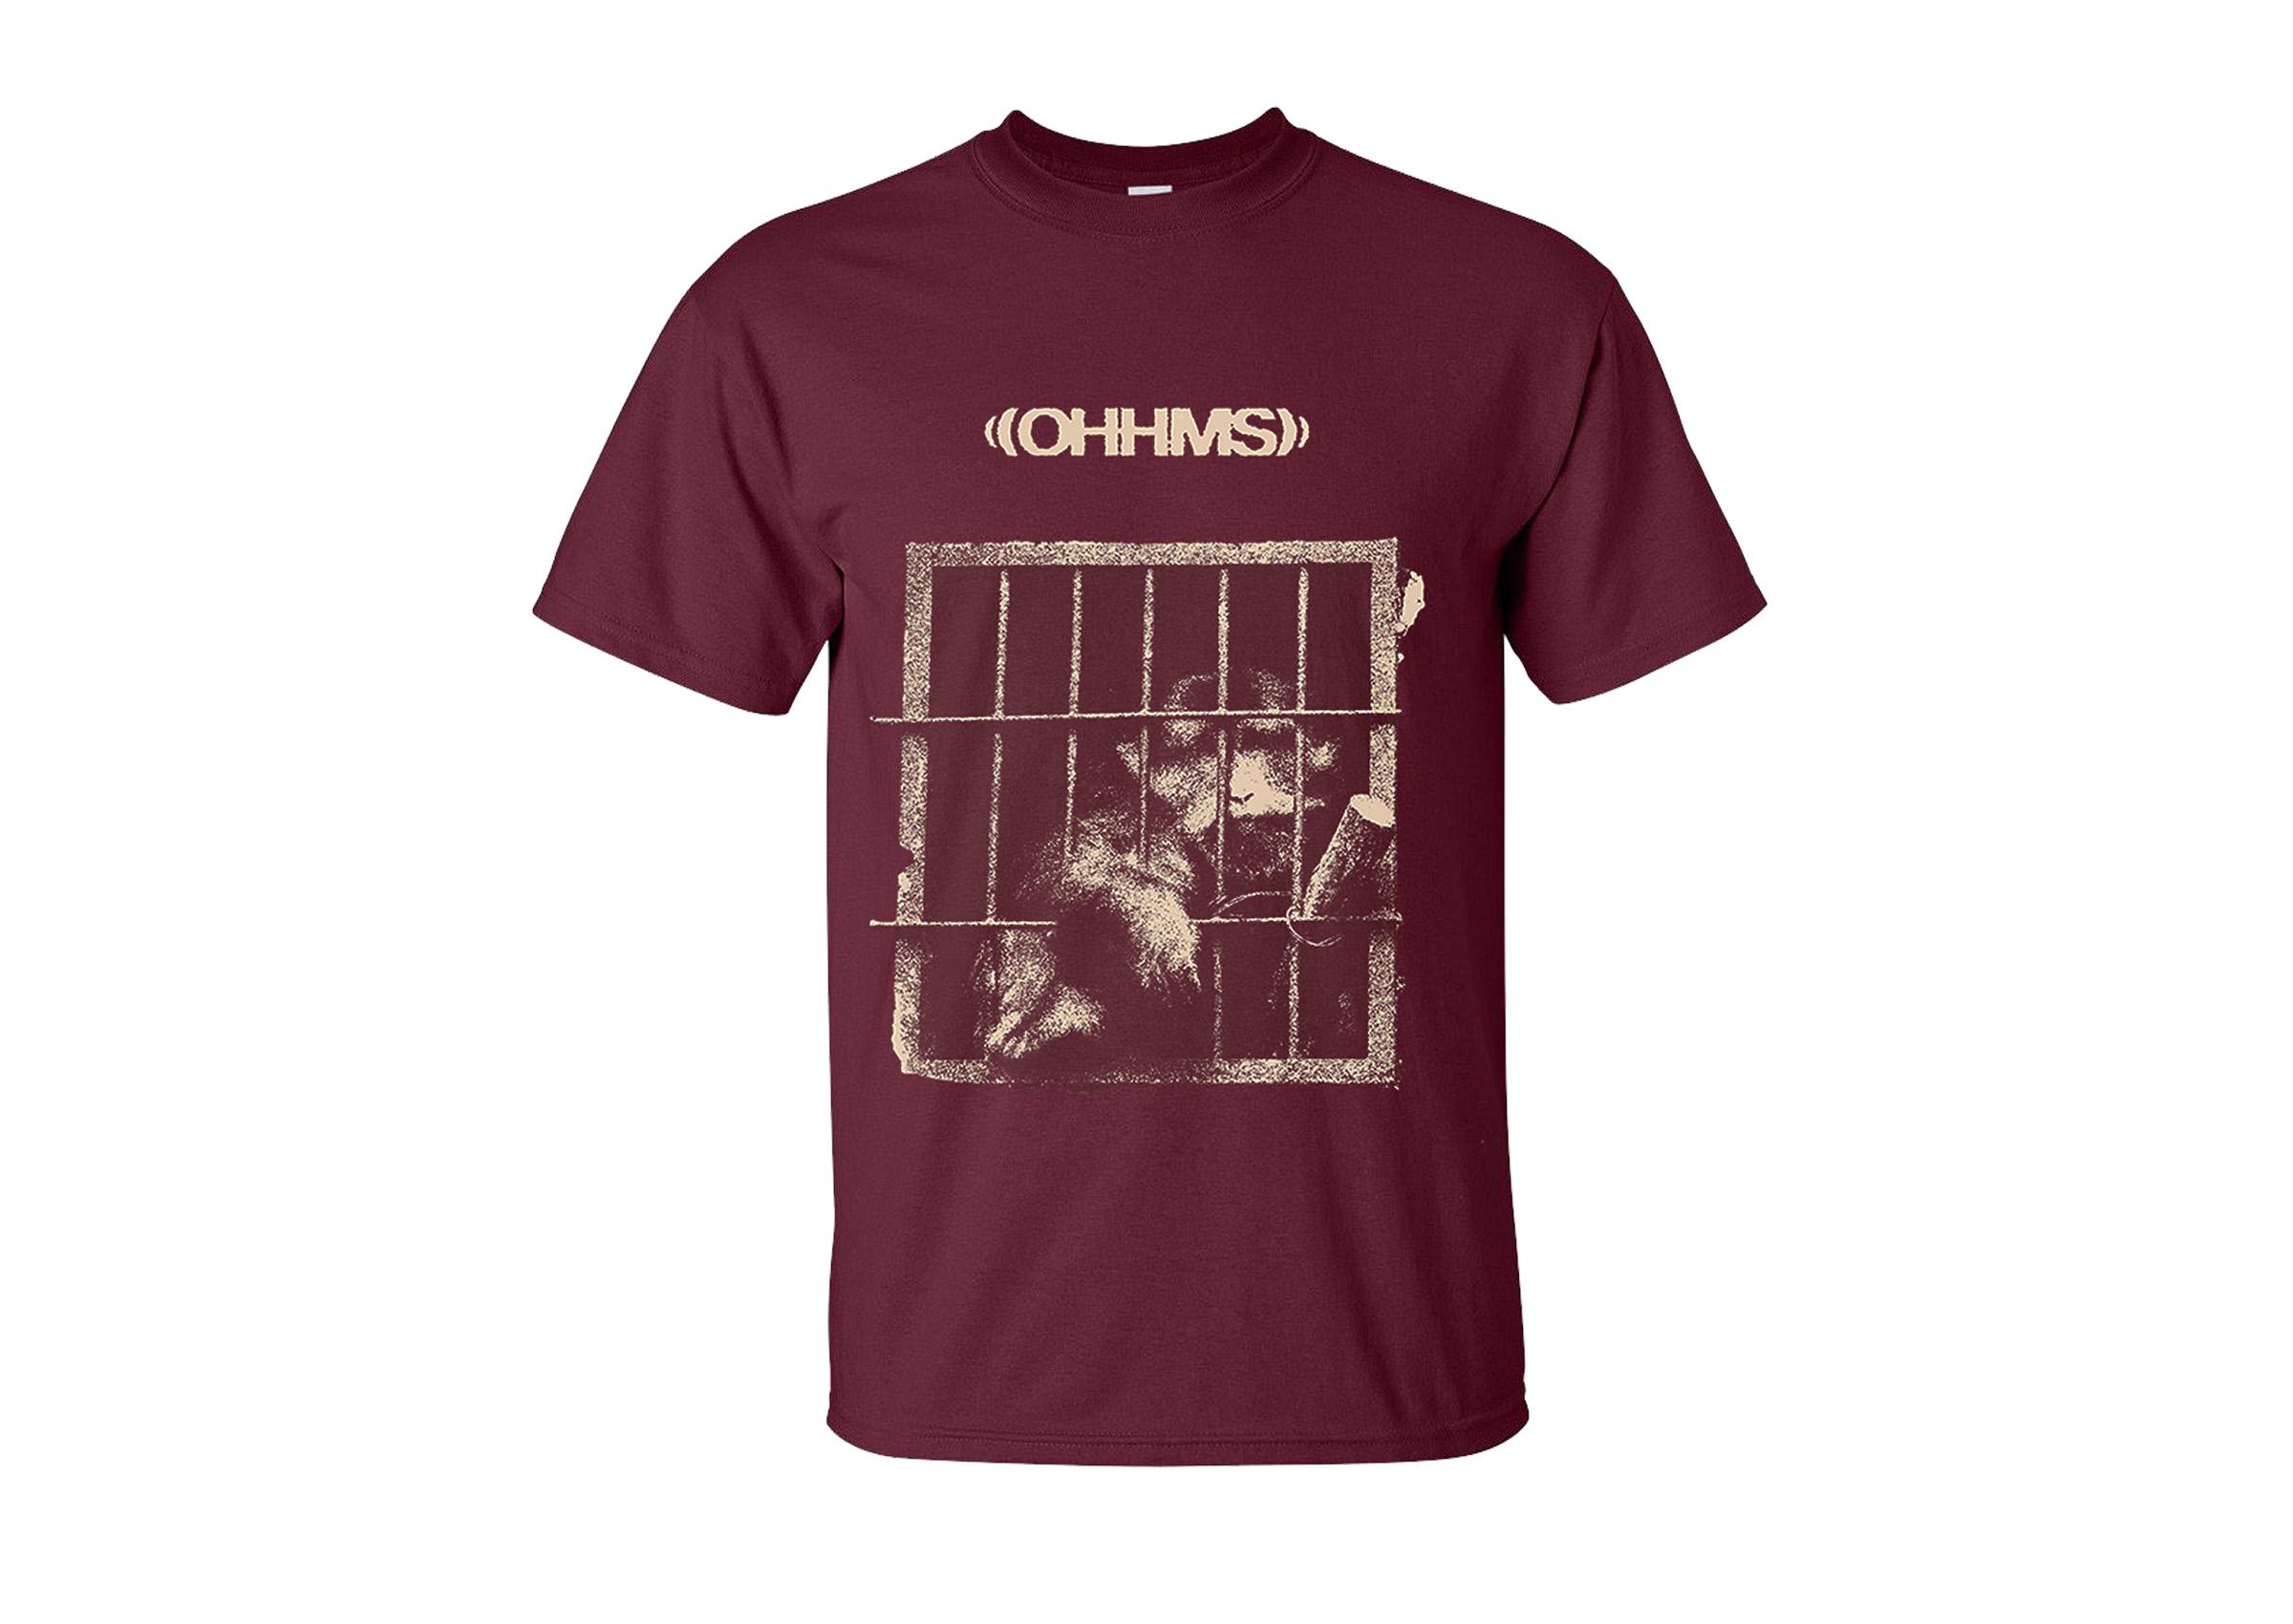 OHHMS - Exist Monkey shirt PREORDER